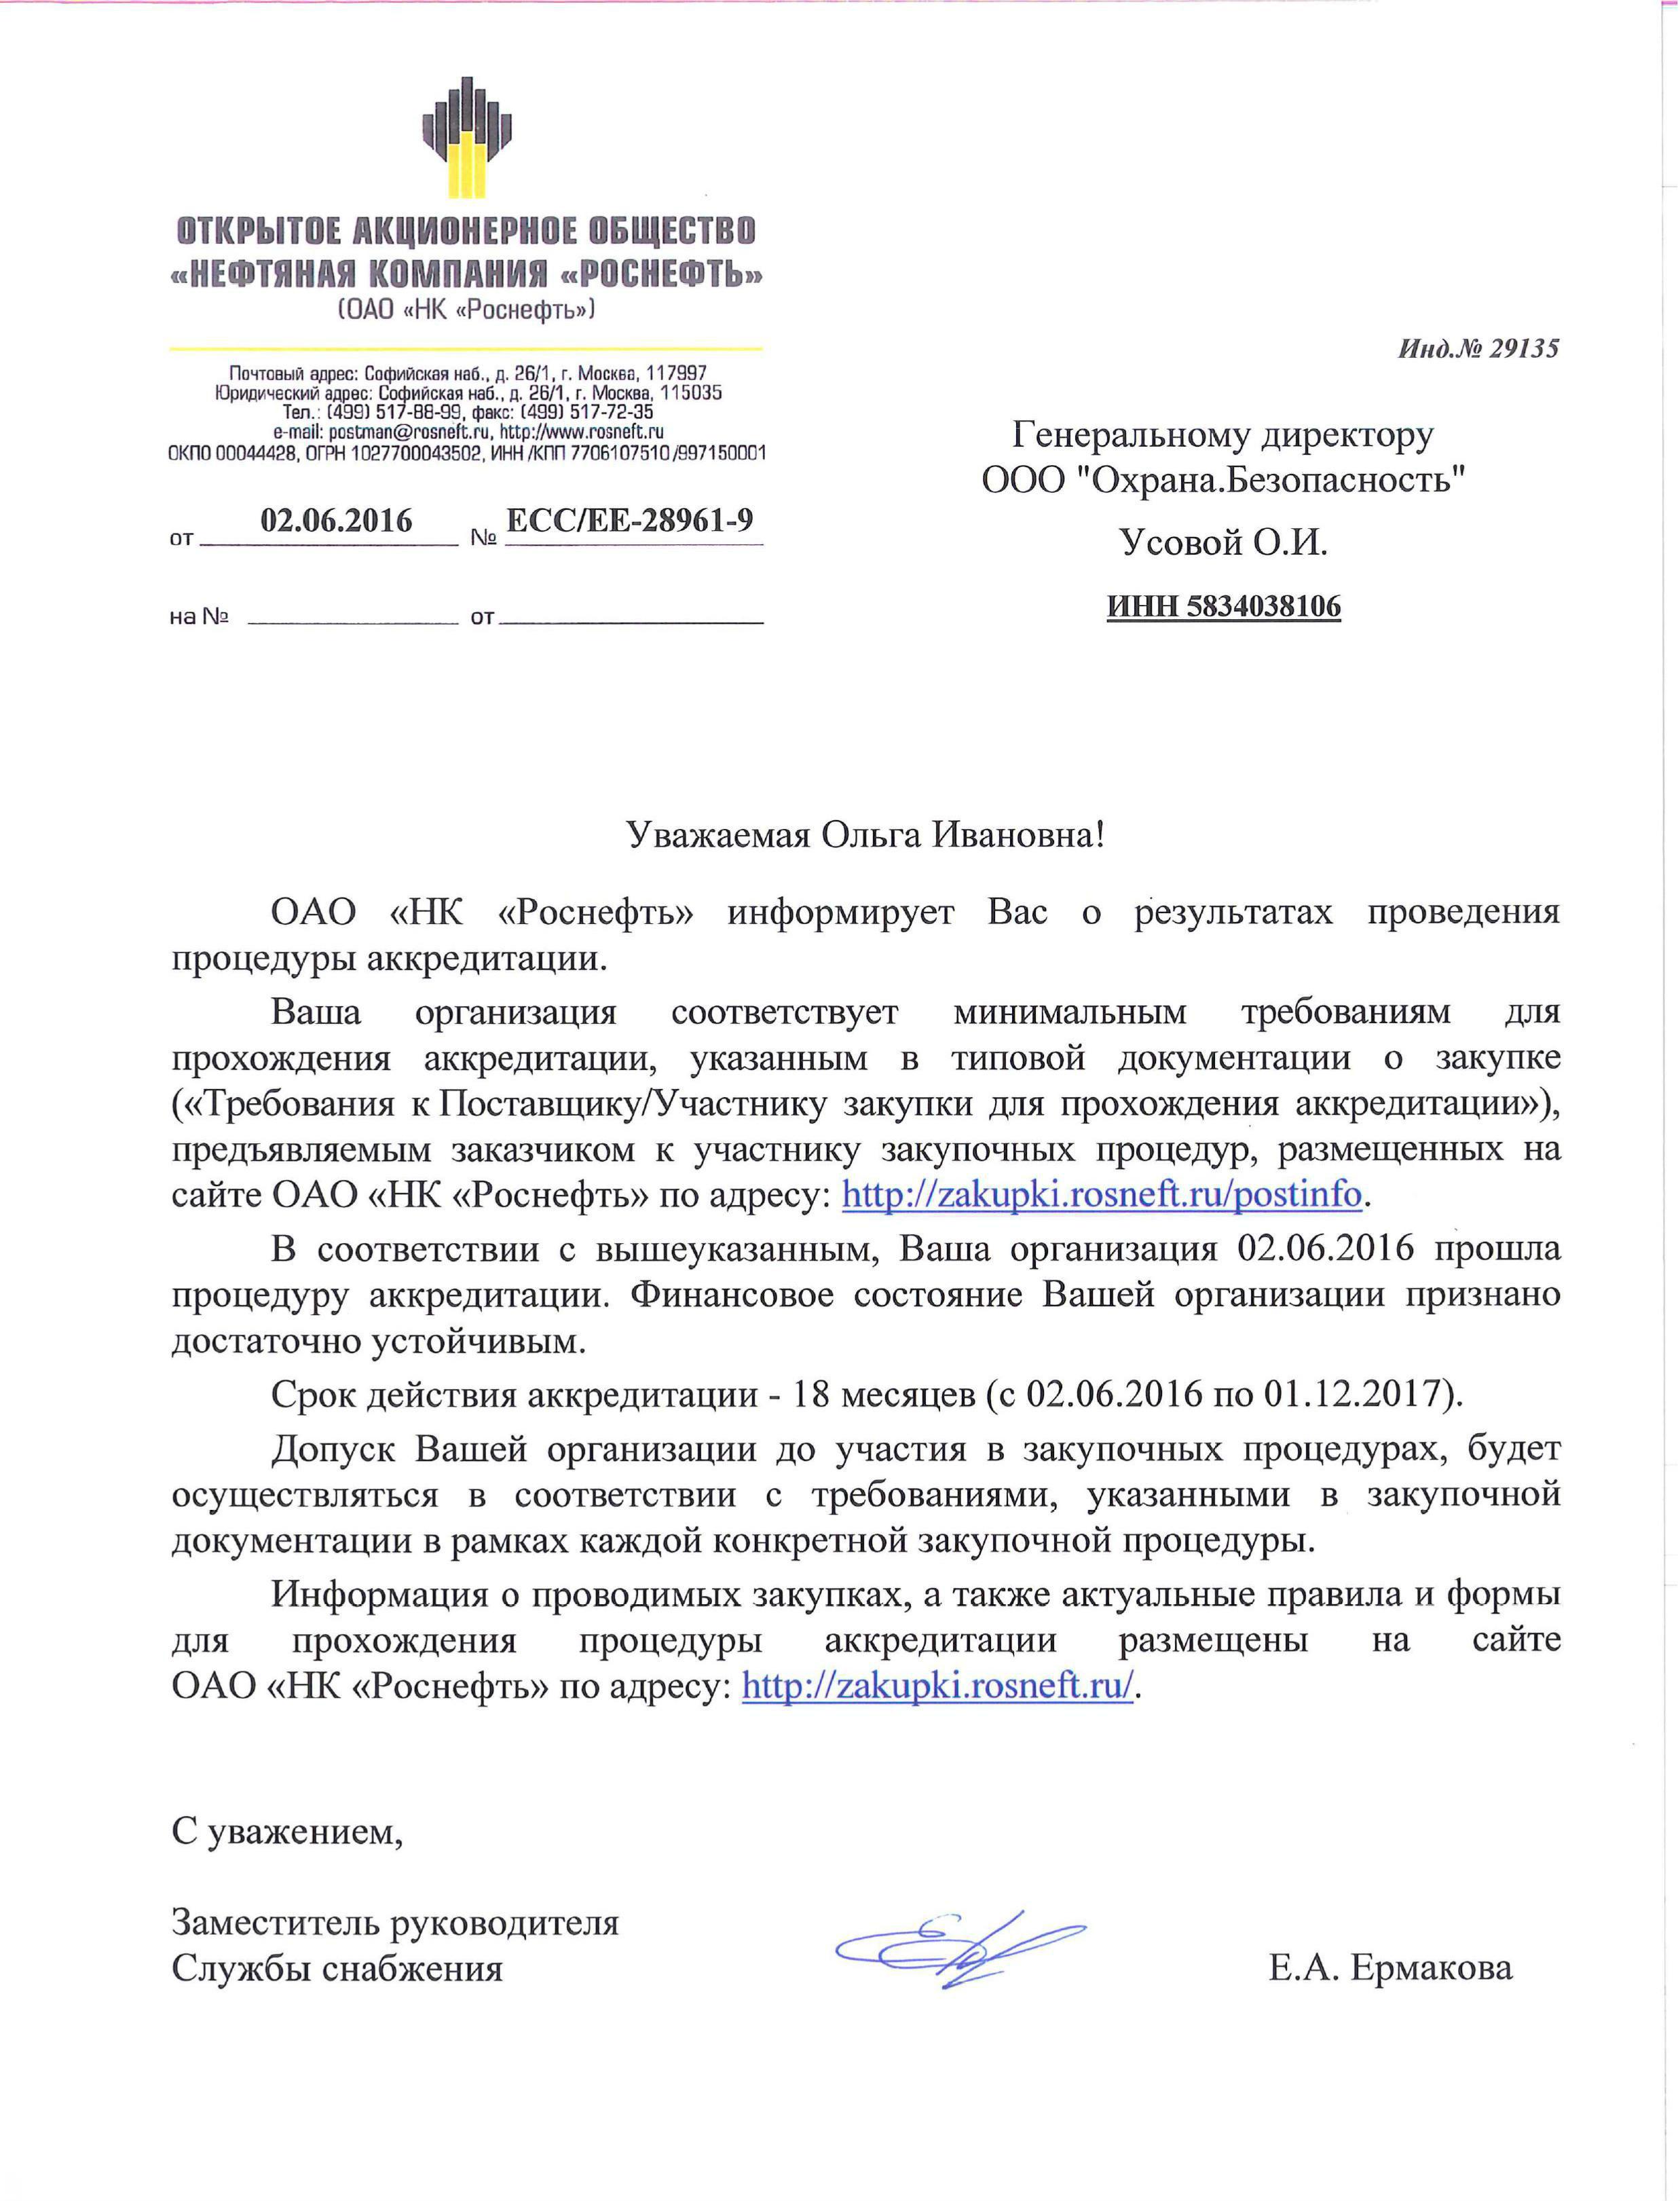 Attek group прошла аккредитацию Роснефти